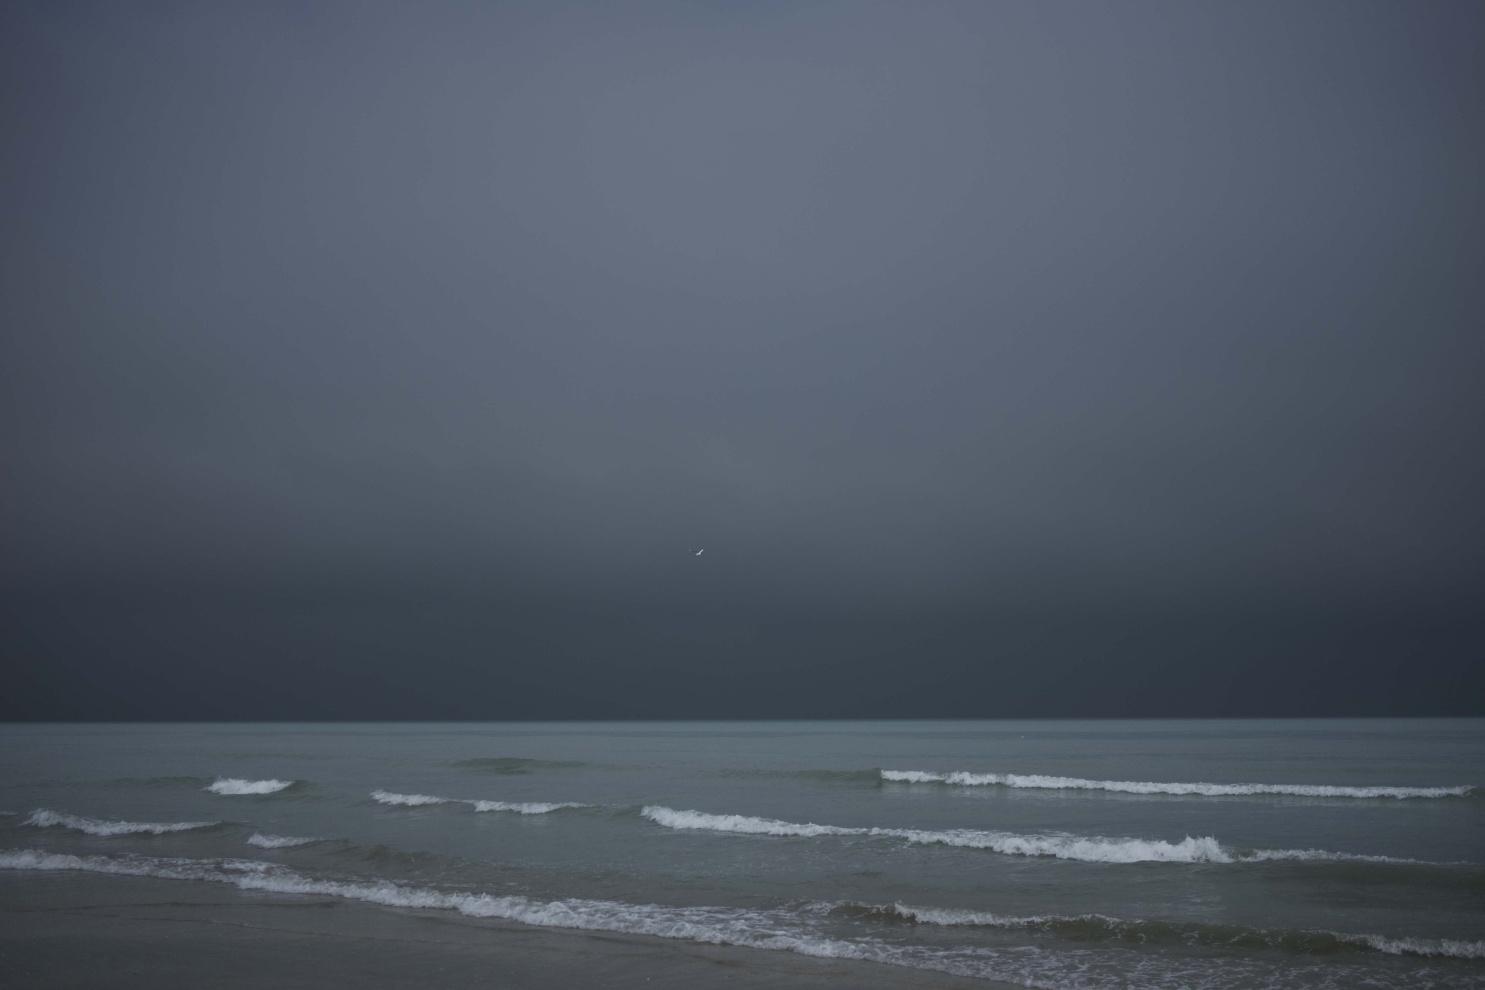 001 - Rimini. March